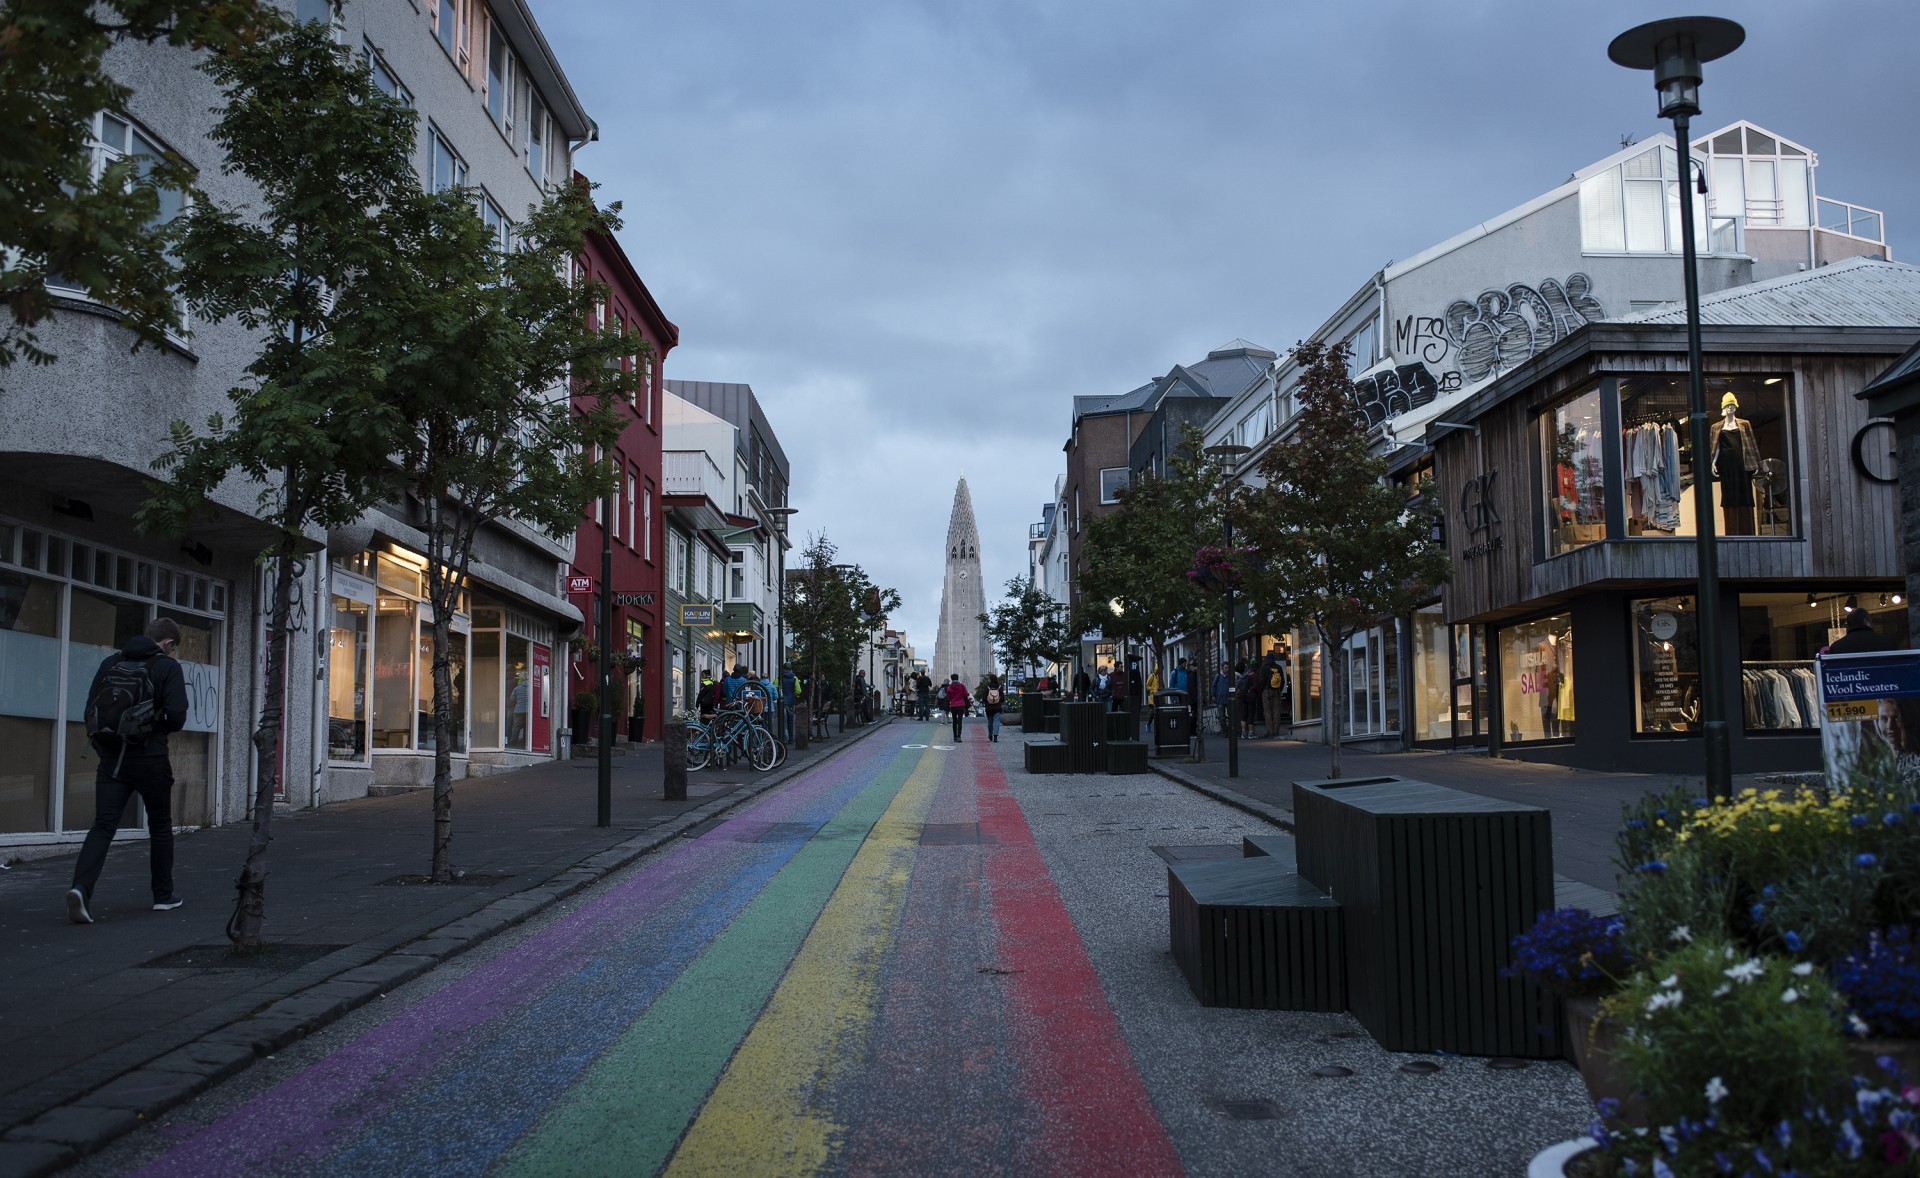 Gata i Reykjavik, Island, kantad av hus. I slutet av vägen syns kyrkan Hallgrímskirkja.